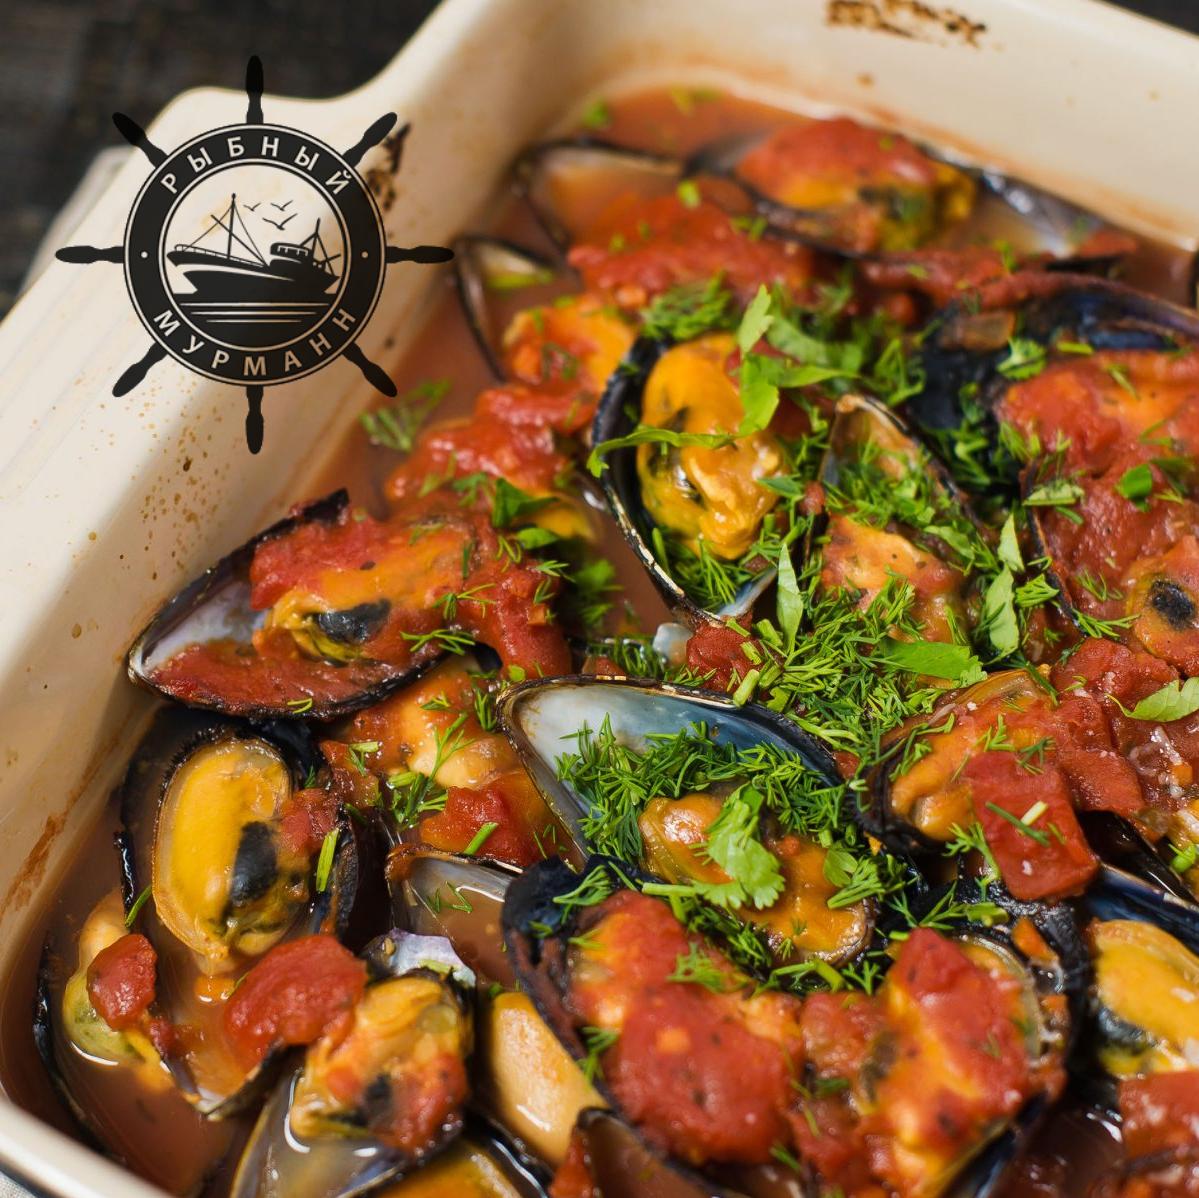 Мидии в томатно-чесночном соусе - от Рыбного Мурманна!